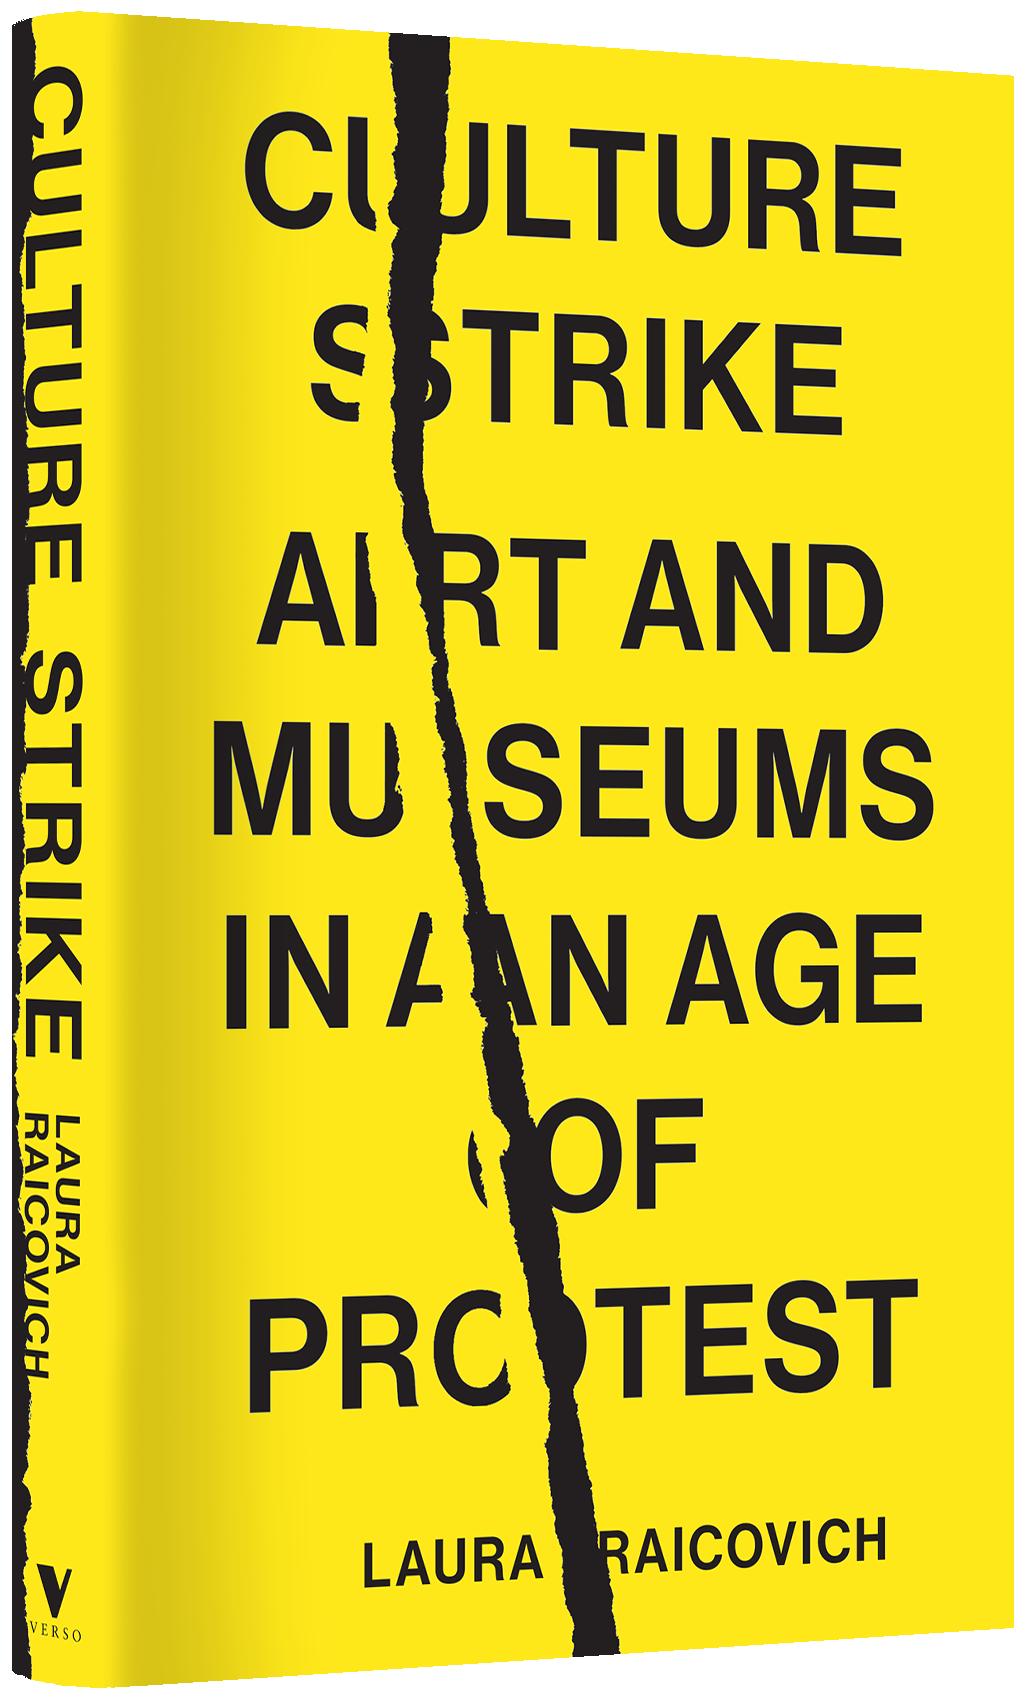 Culture-strike